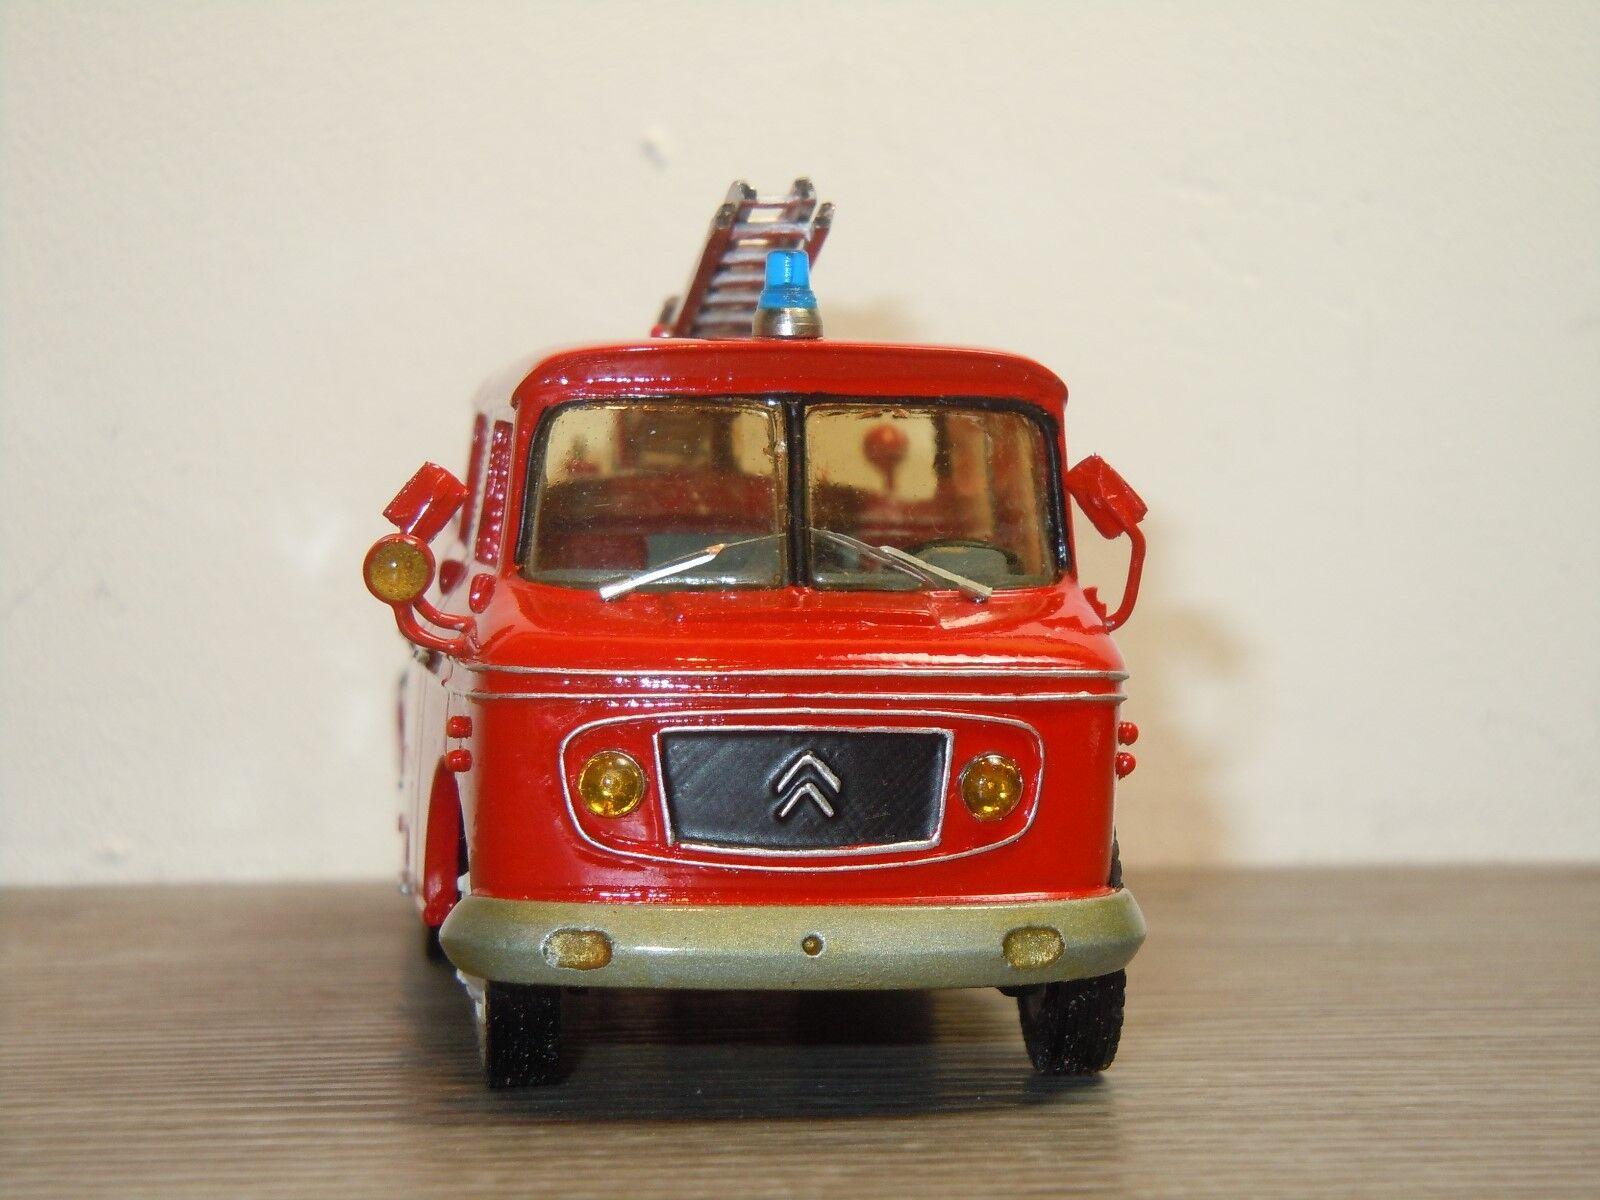 Citroen T55 Guinard Cabine Heuliez 1963 - CCC France 1:50 1:50 1:50 in Box 1/100pcs *35682 c92b18